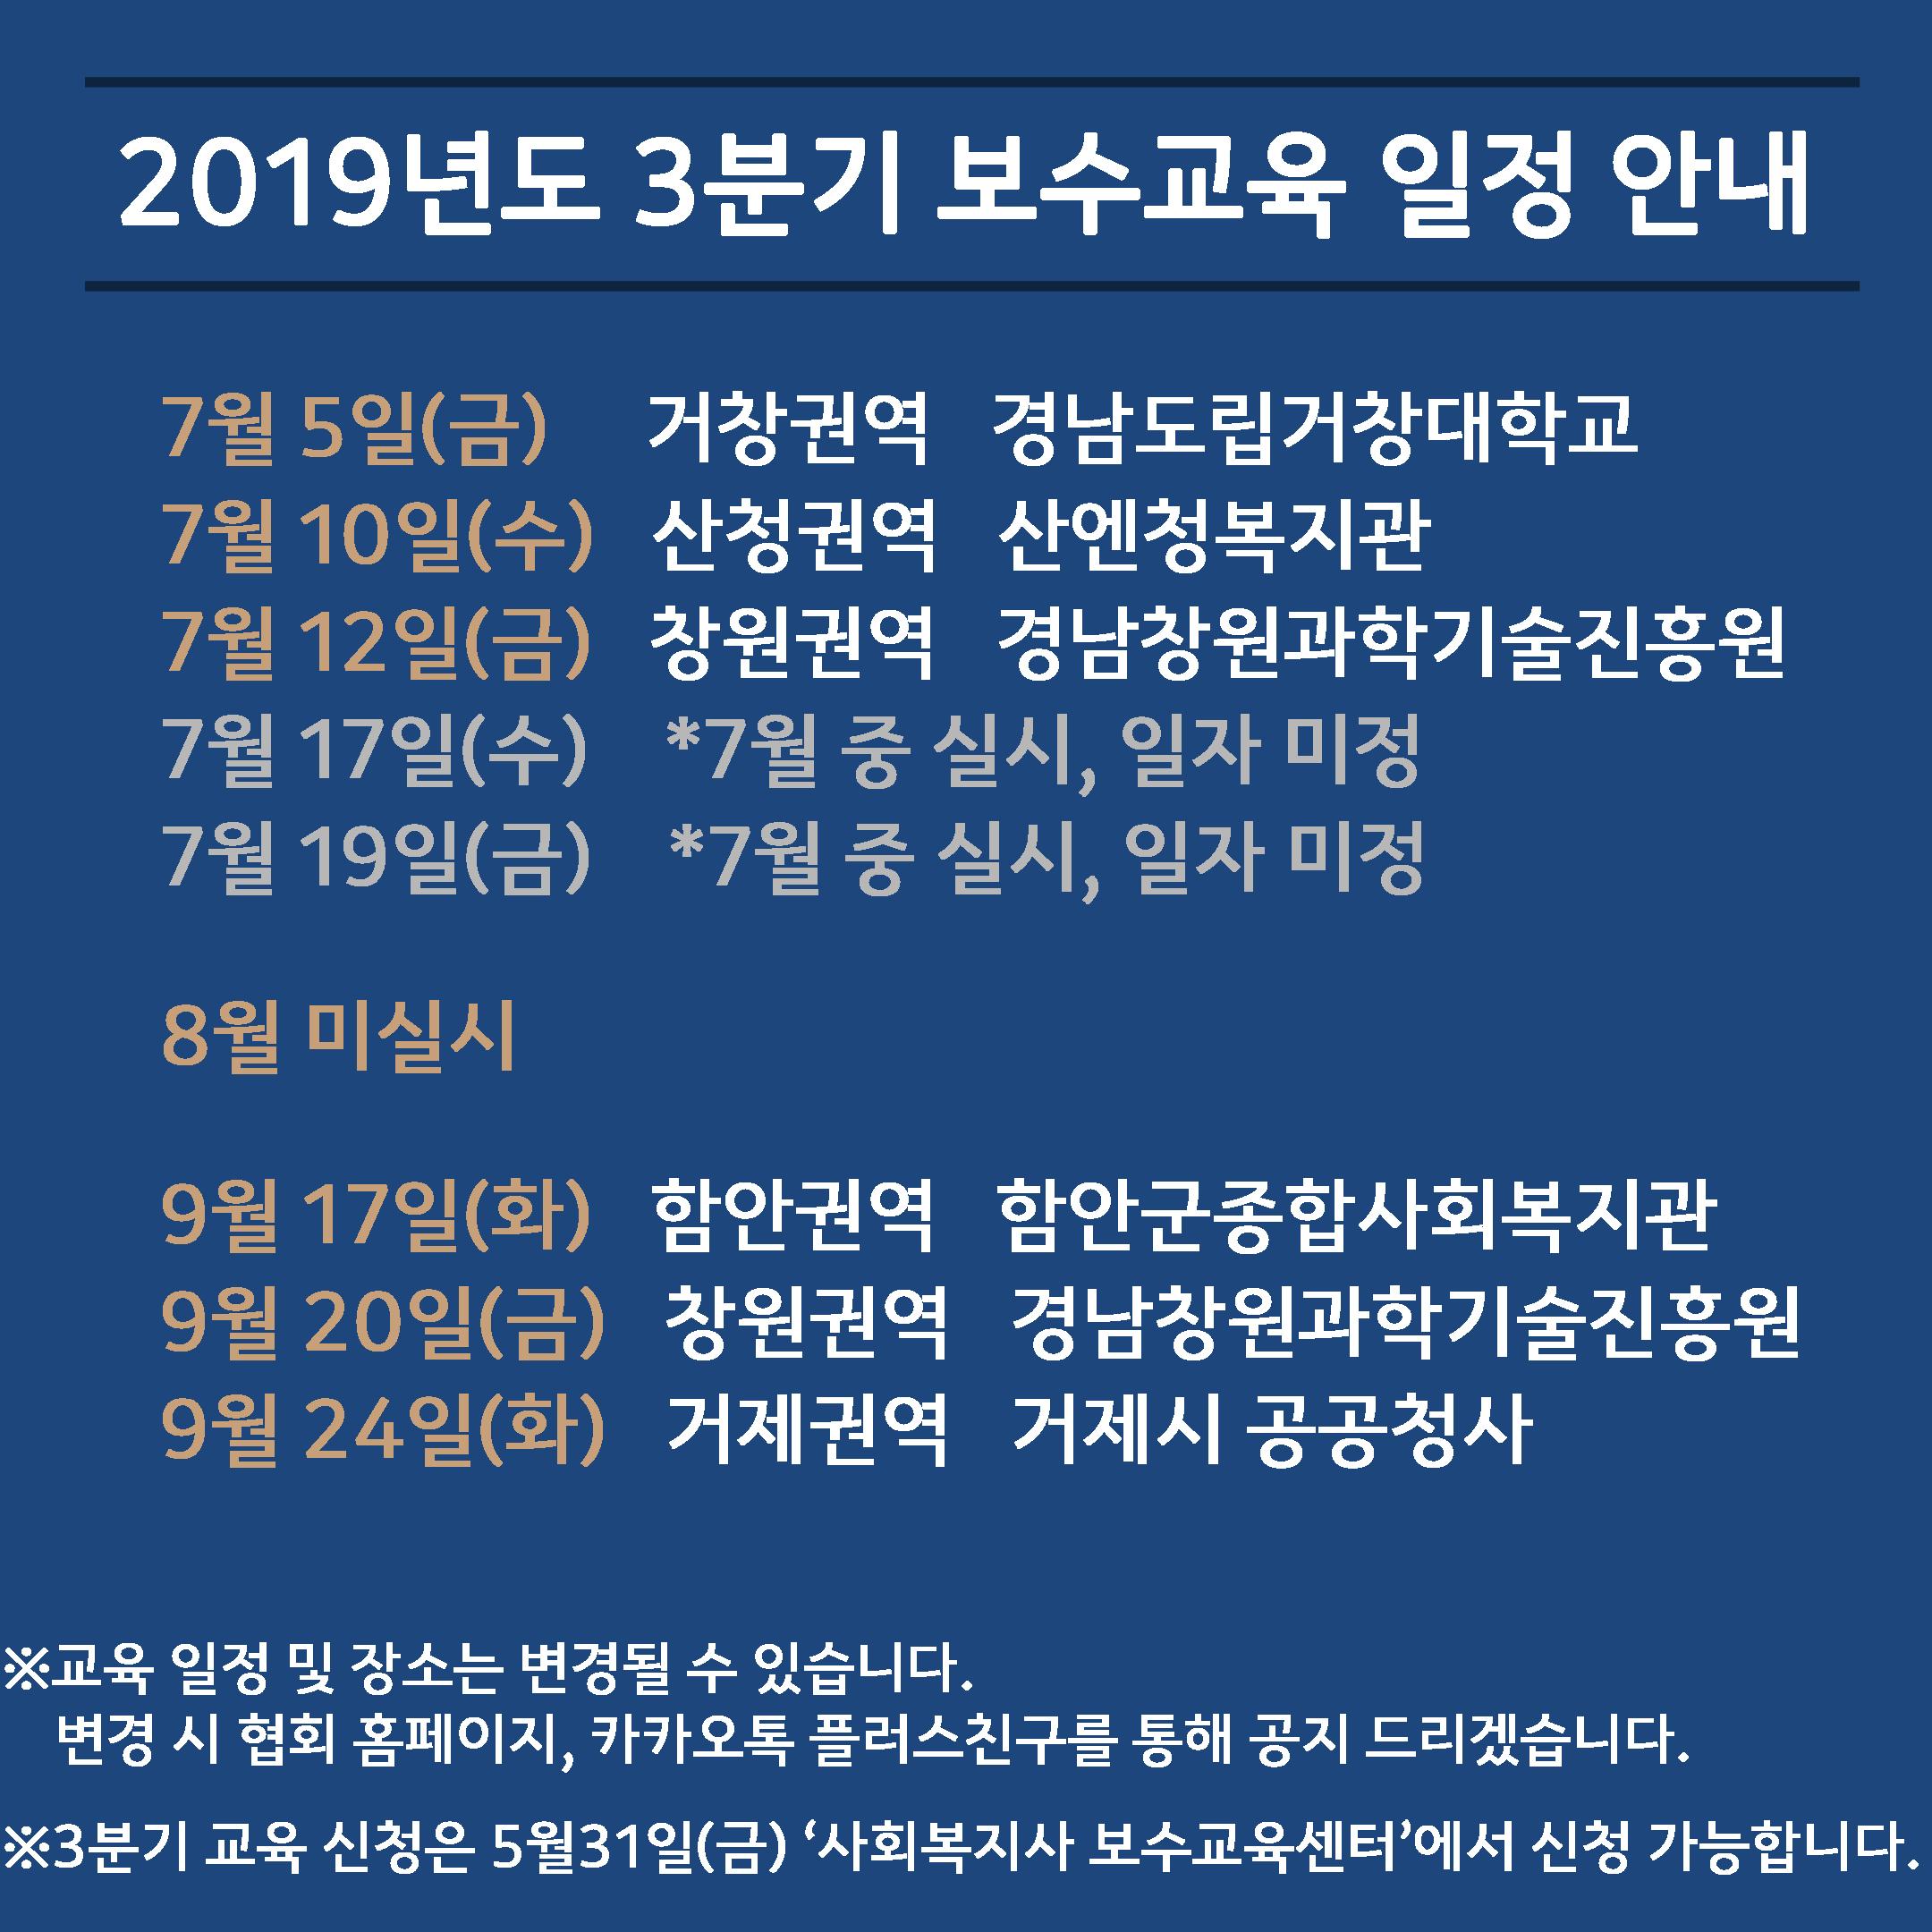 2019년 5월 이벤트4.jpg